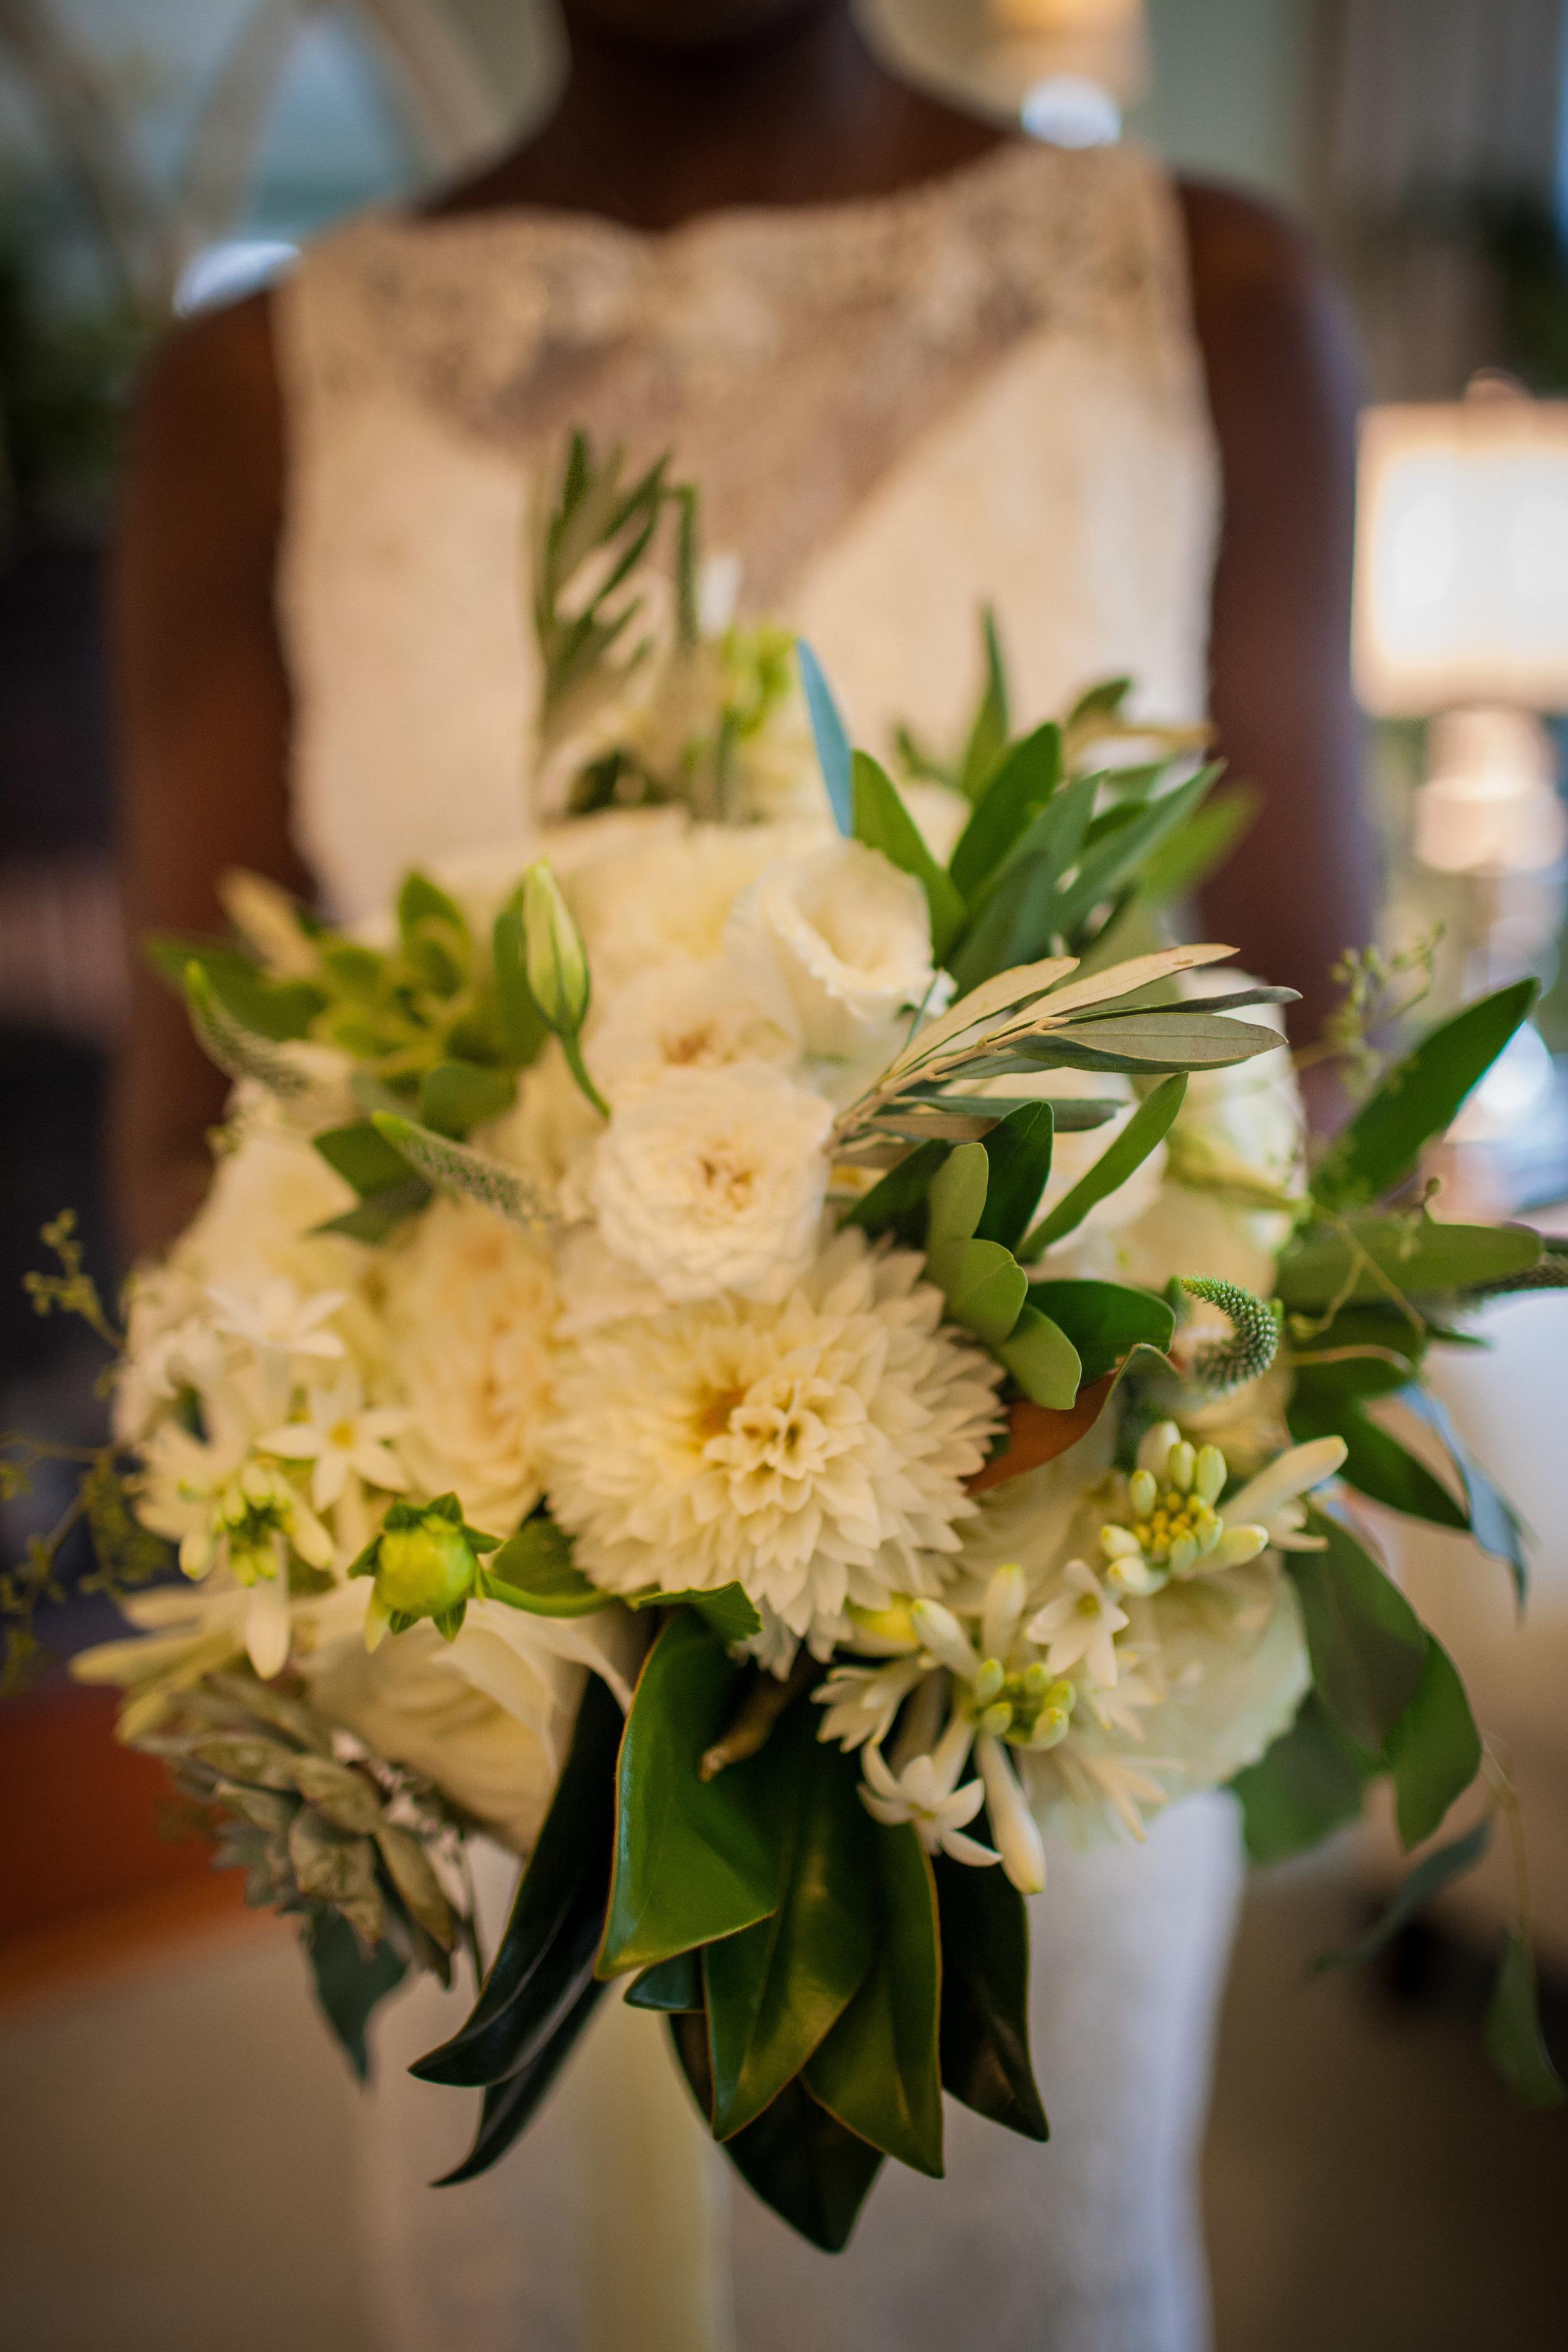 ashley_john-wedding-080815-169.jpg